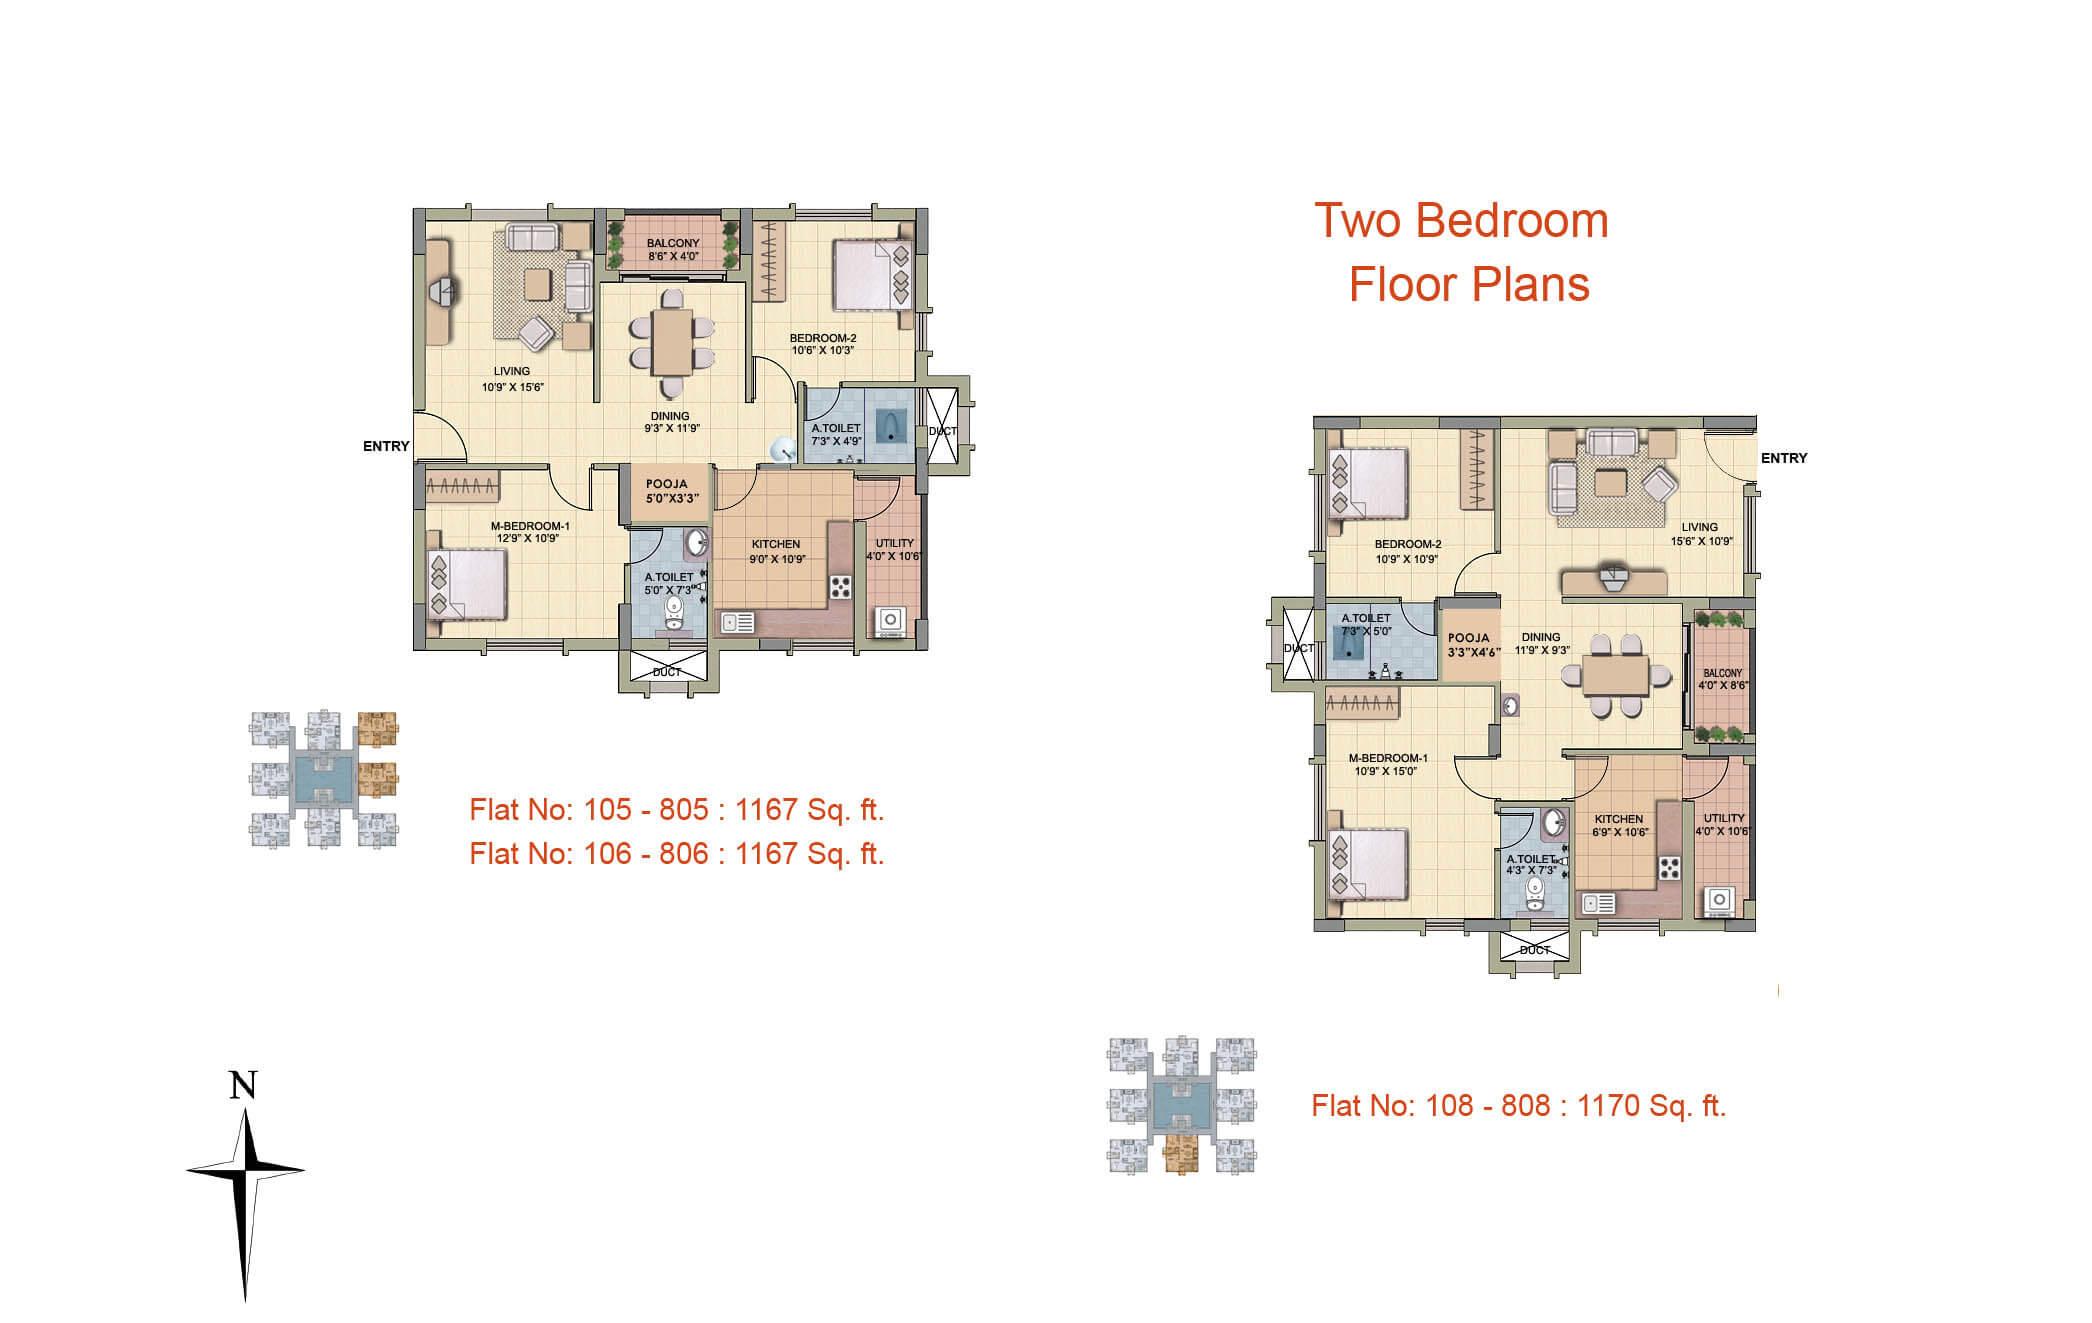 1170 sq ft-1165 sq ft - 1166 sq ft-1167 sq ft